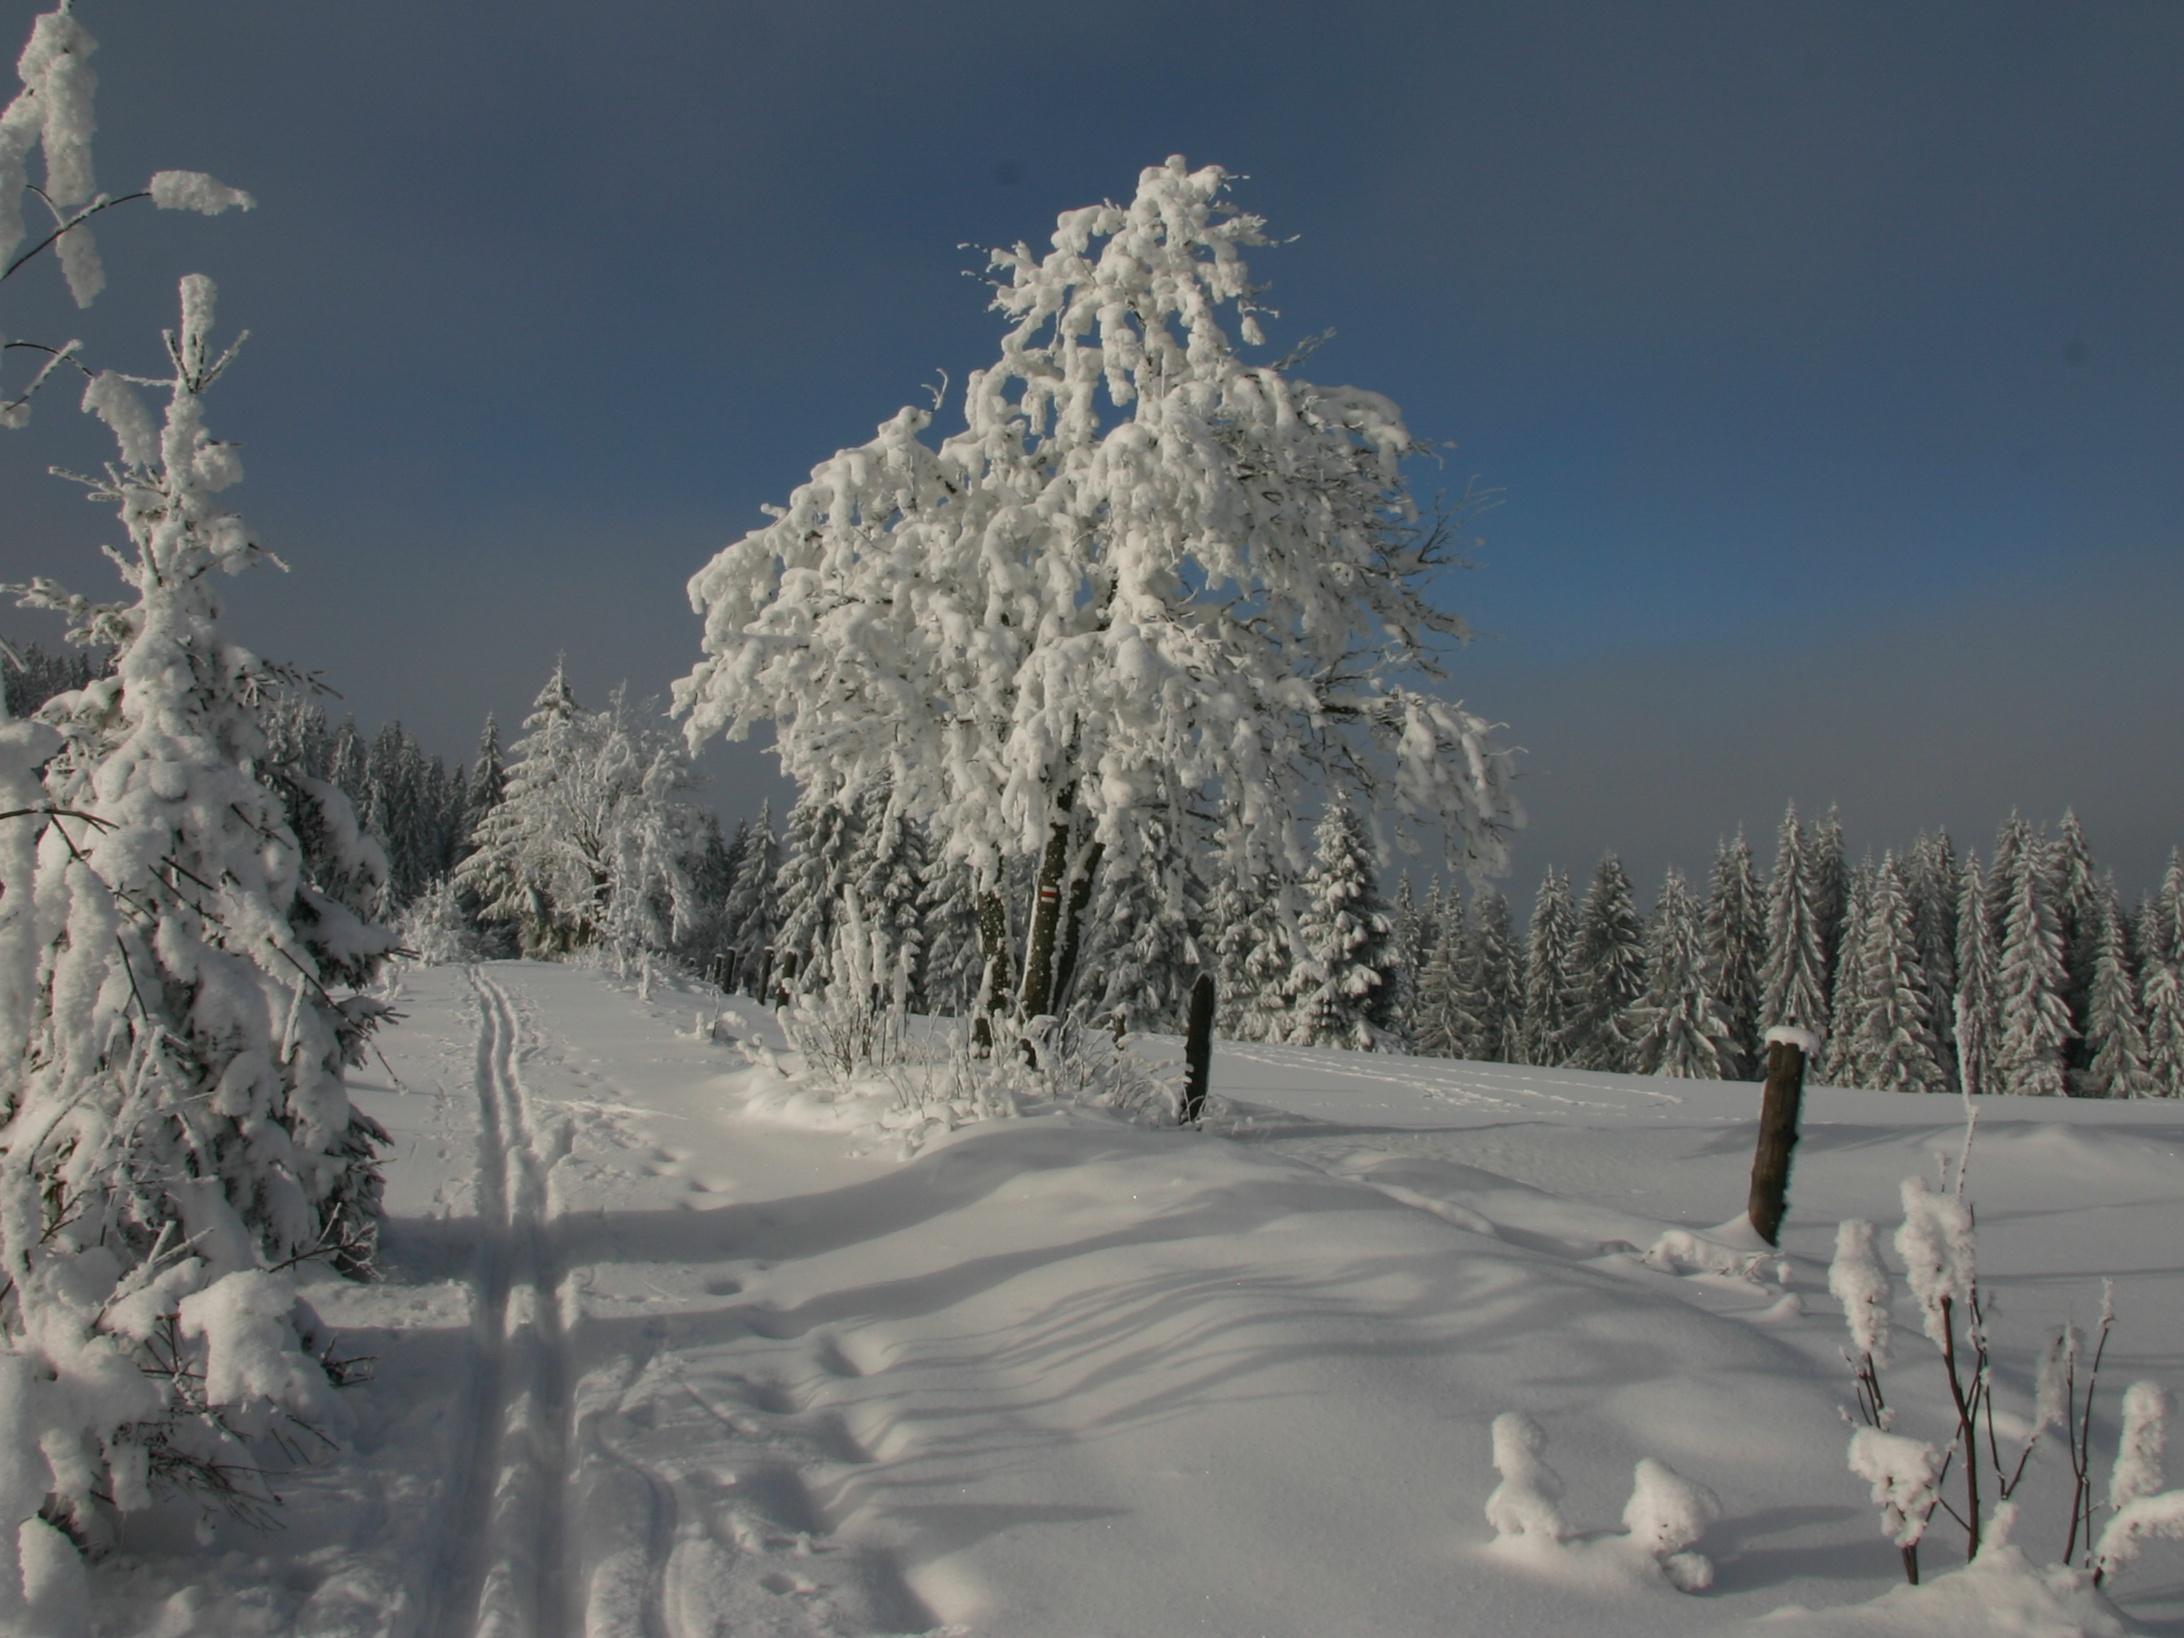 Změny zákona o ochraně přírody a krajiny schválené včera v Senátu mohou znamenat konec národních parků v Čechách